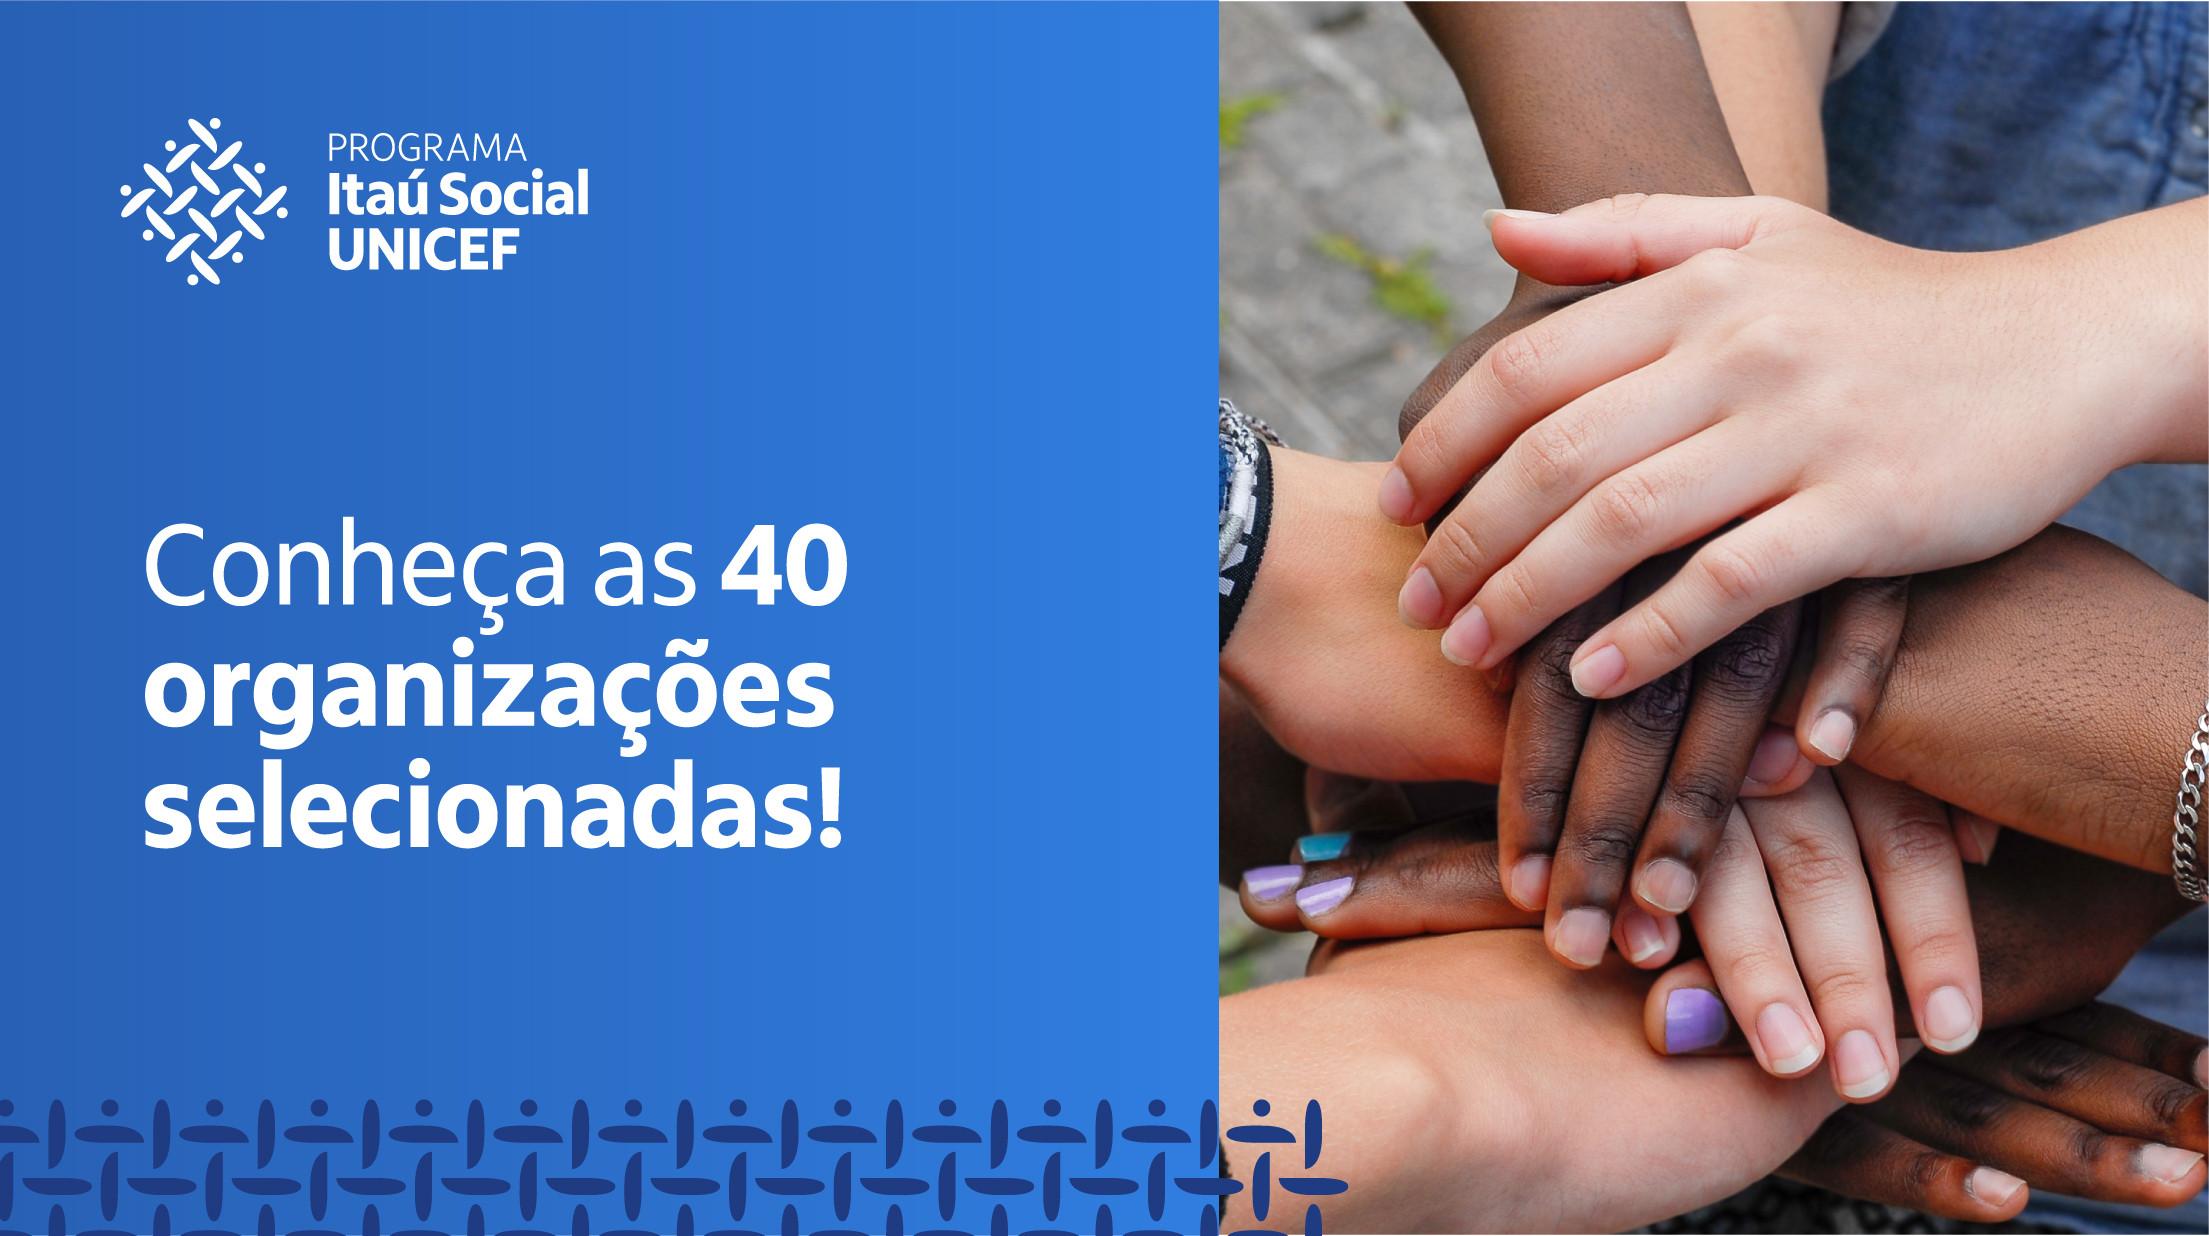 Programa Itaú Social UNICEF divulga as 40 organizações sociais que vão receber fomento para planos de educação integral